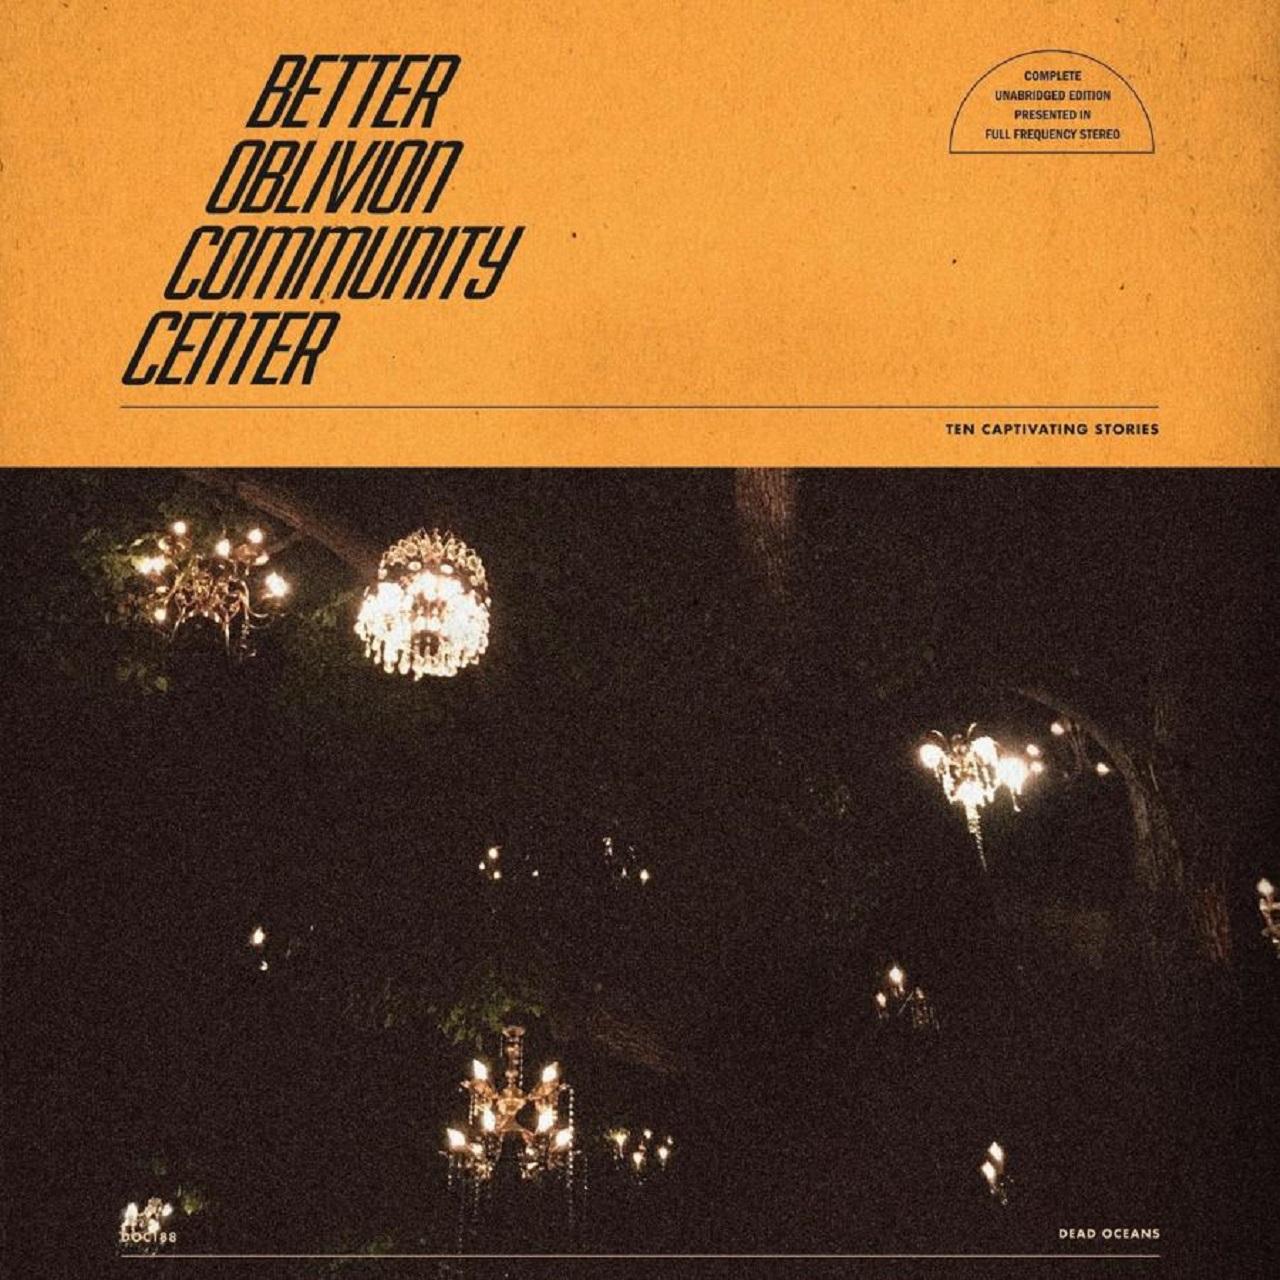 Diskographie & Lyrics   Conor Oberst Fanseite